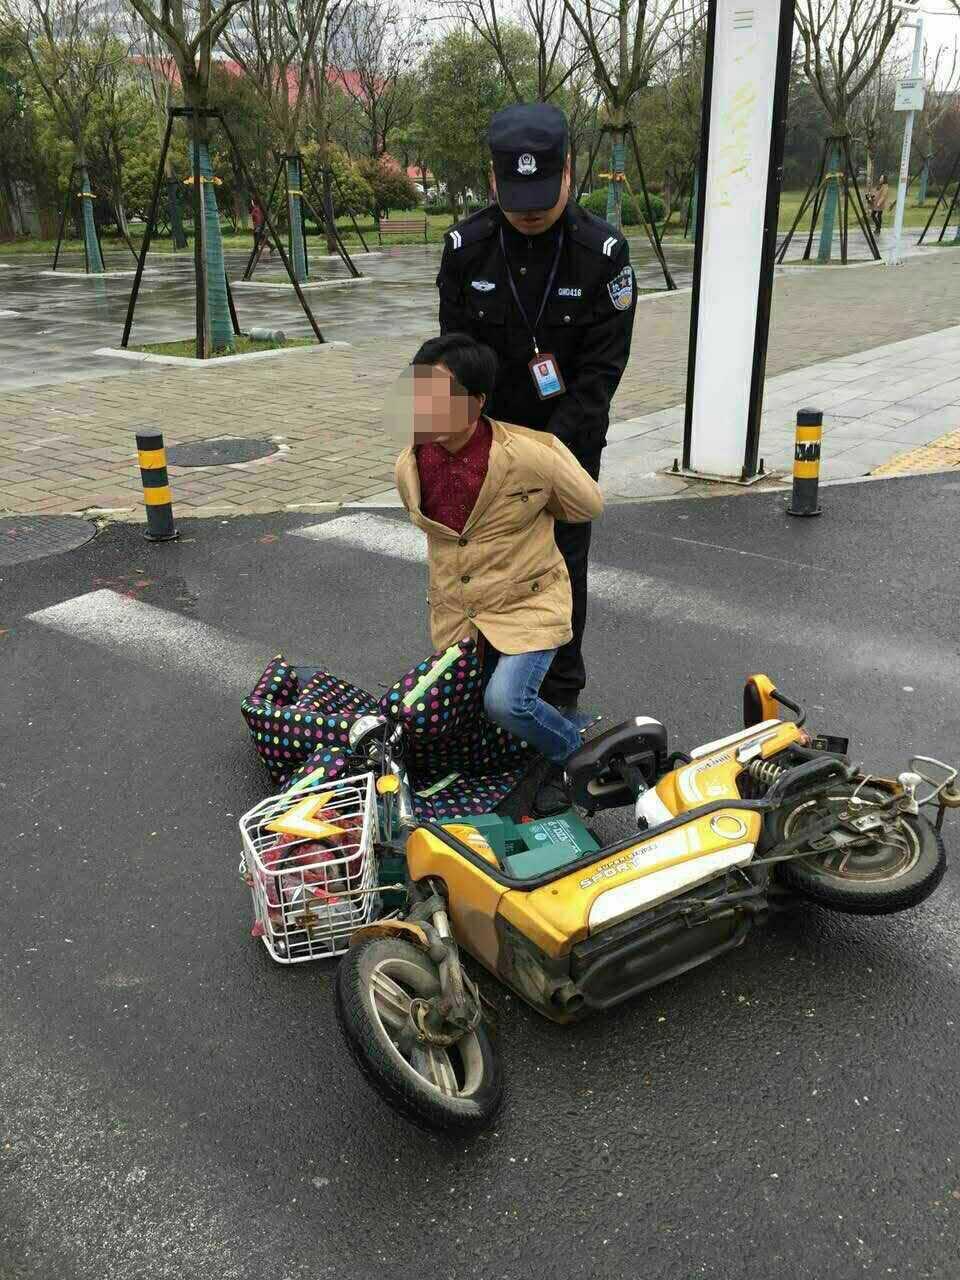 武汉 当偷电瓶车的贼 碰上 制造 电瓶车的辅警